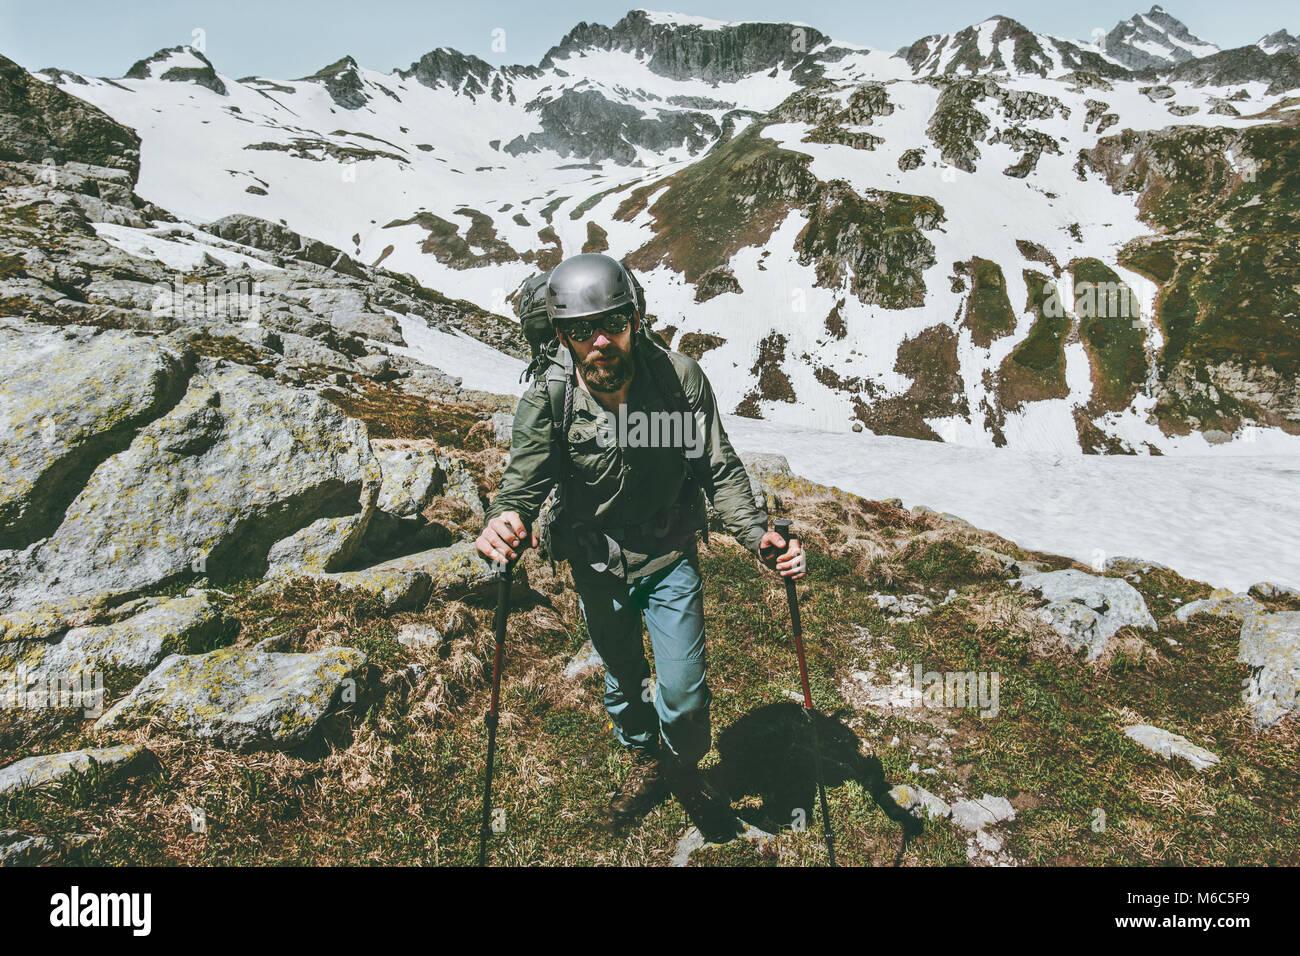 L'homme voyageur avec sac à dos randonnée en montagne lors de voyages aventure concept de vie survie Photo Stock